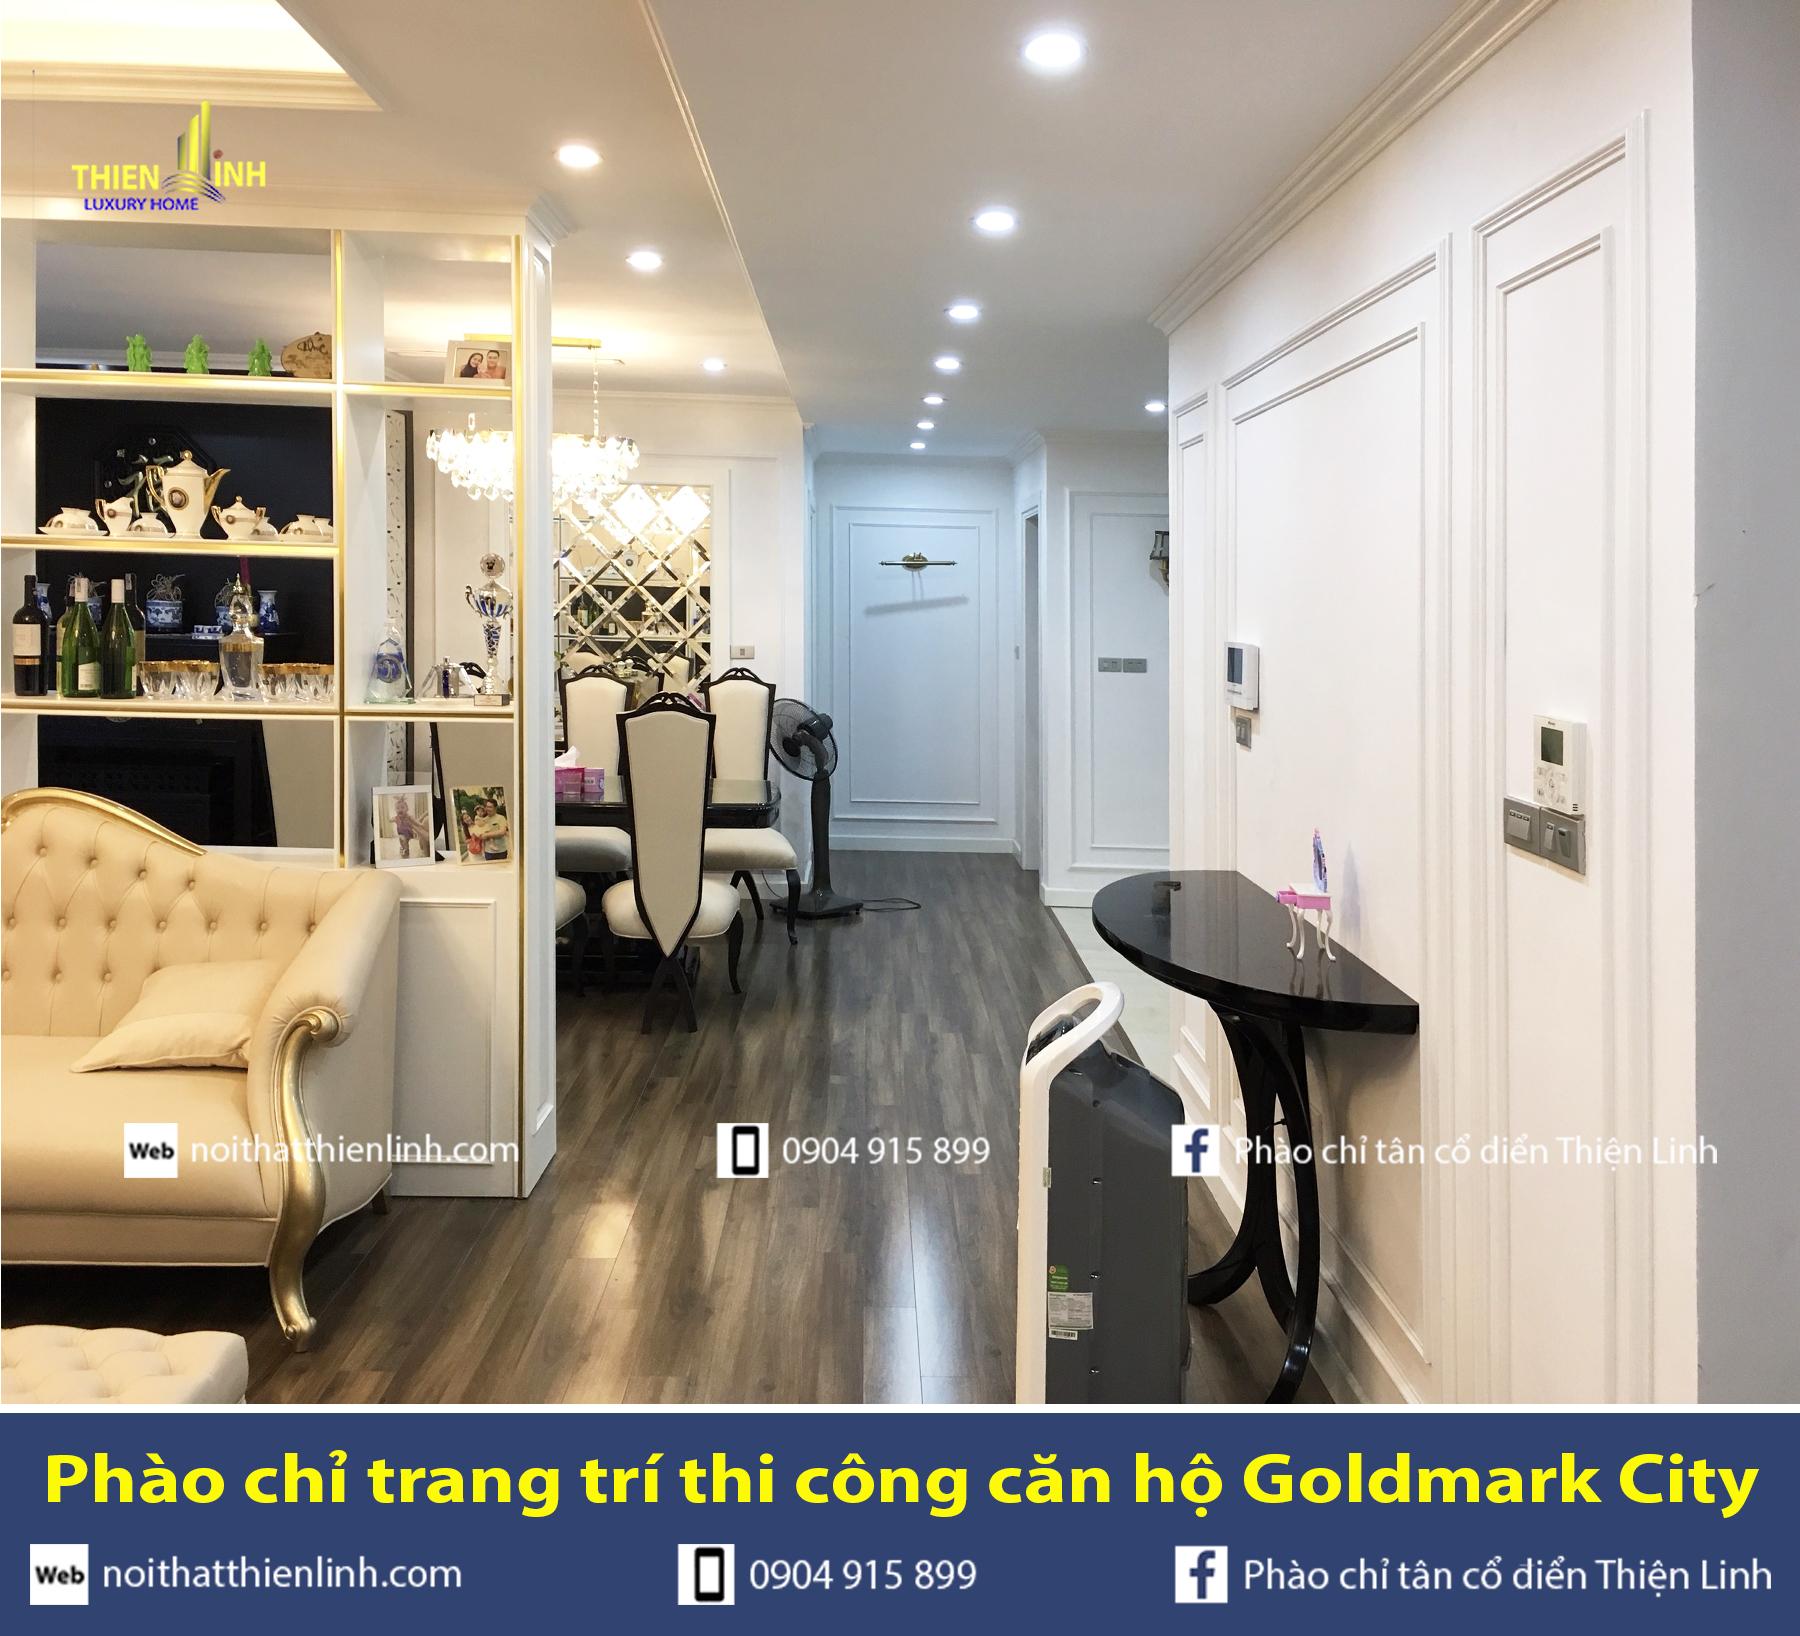 Phào chỉ trang trí thi công căn hộ Goldmark City (8)